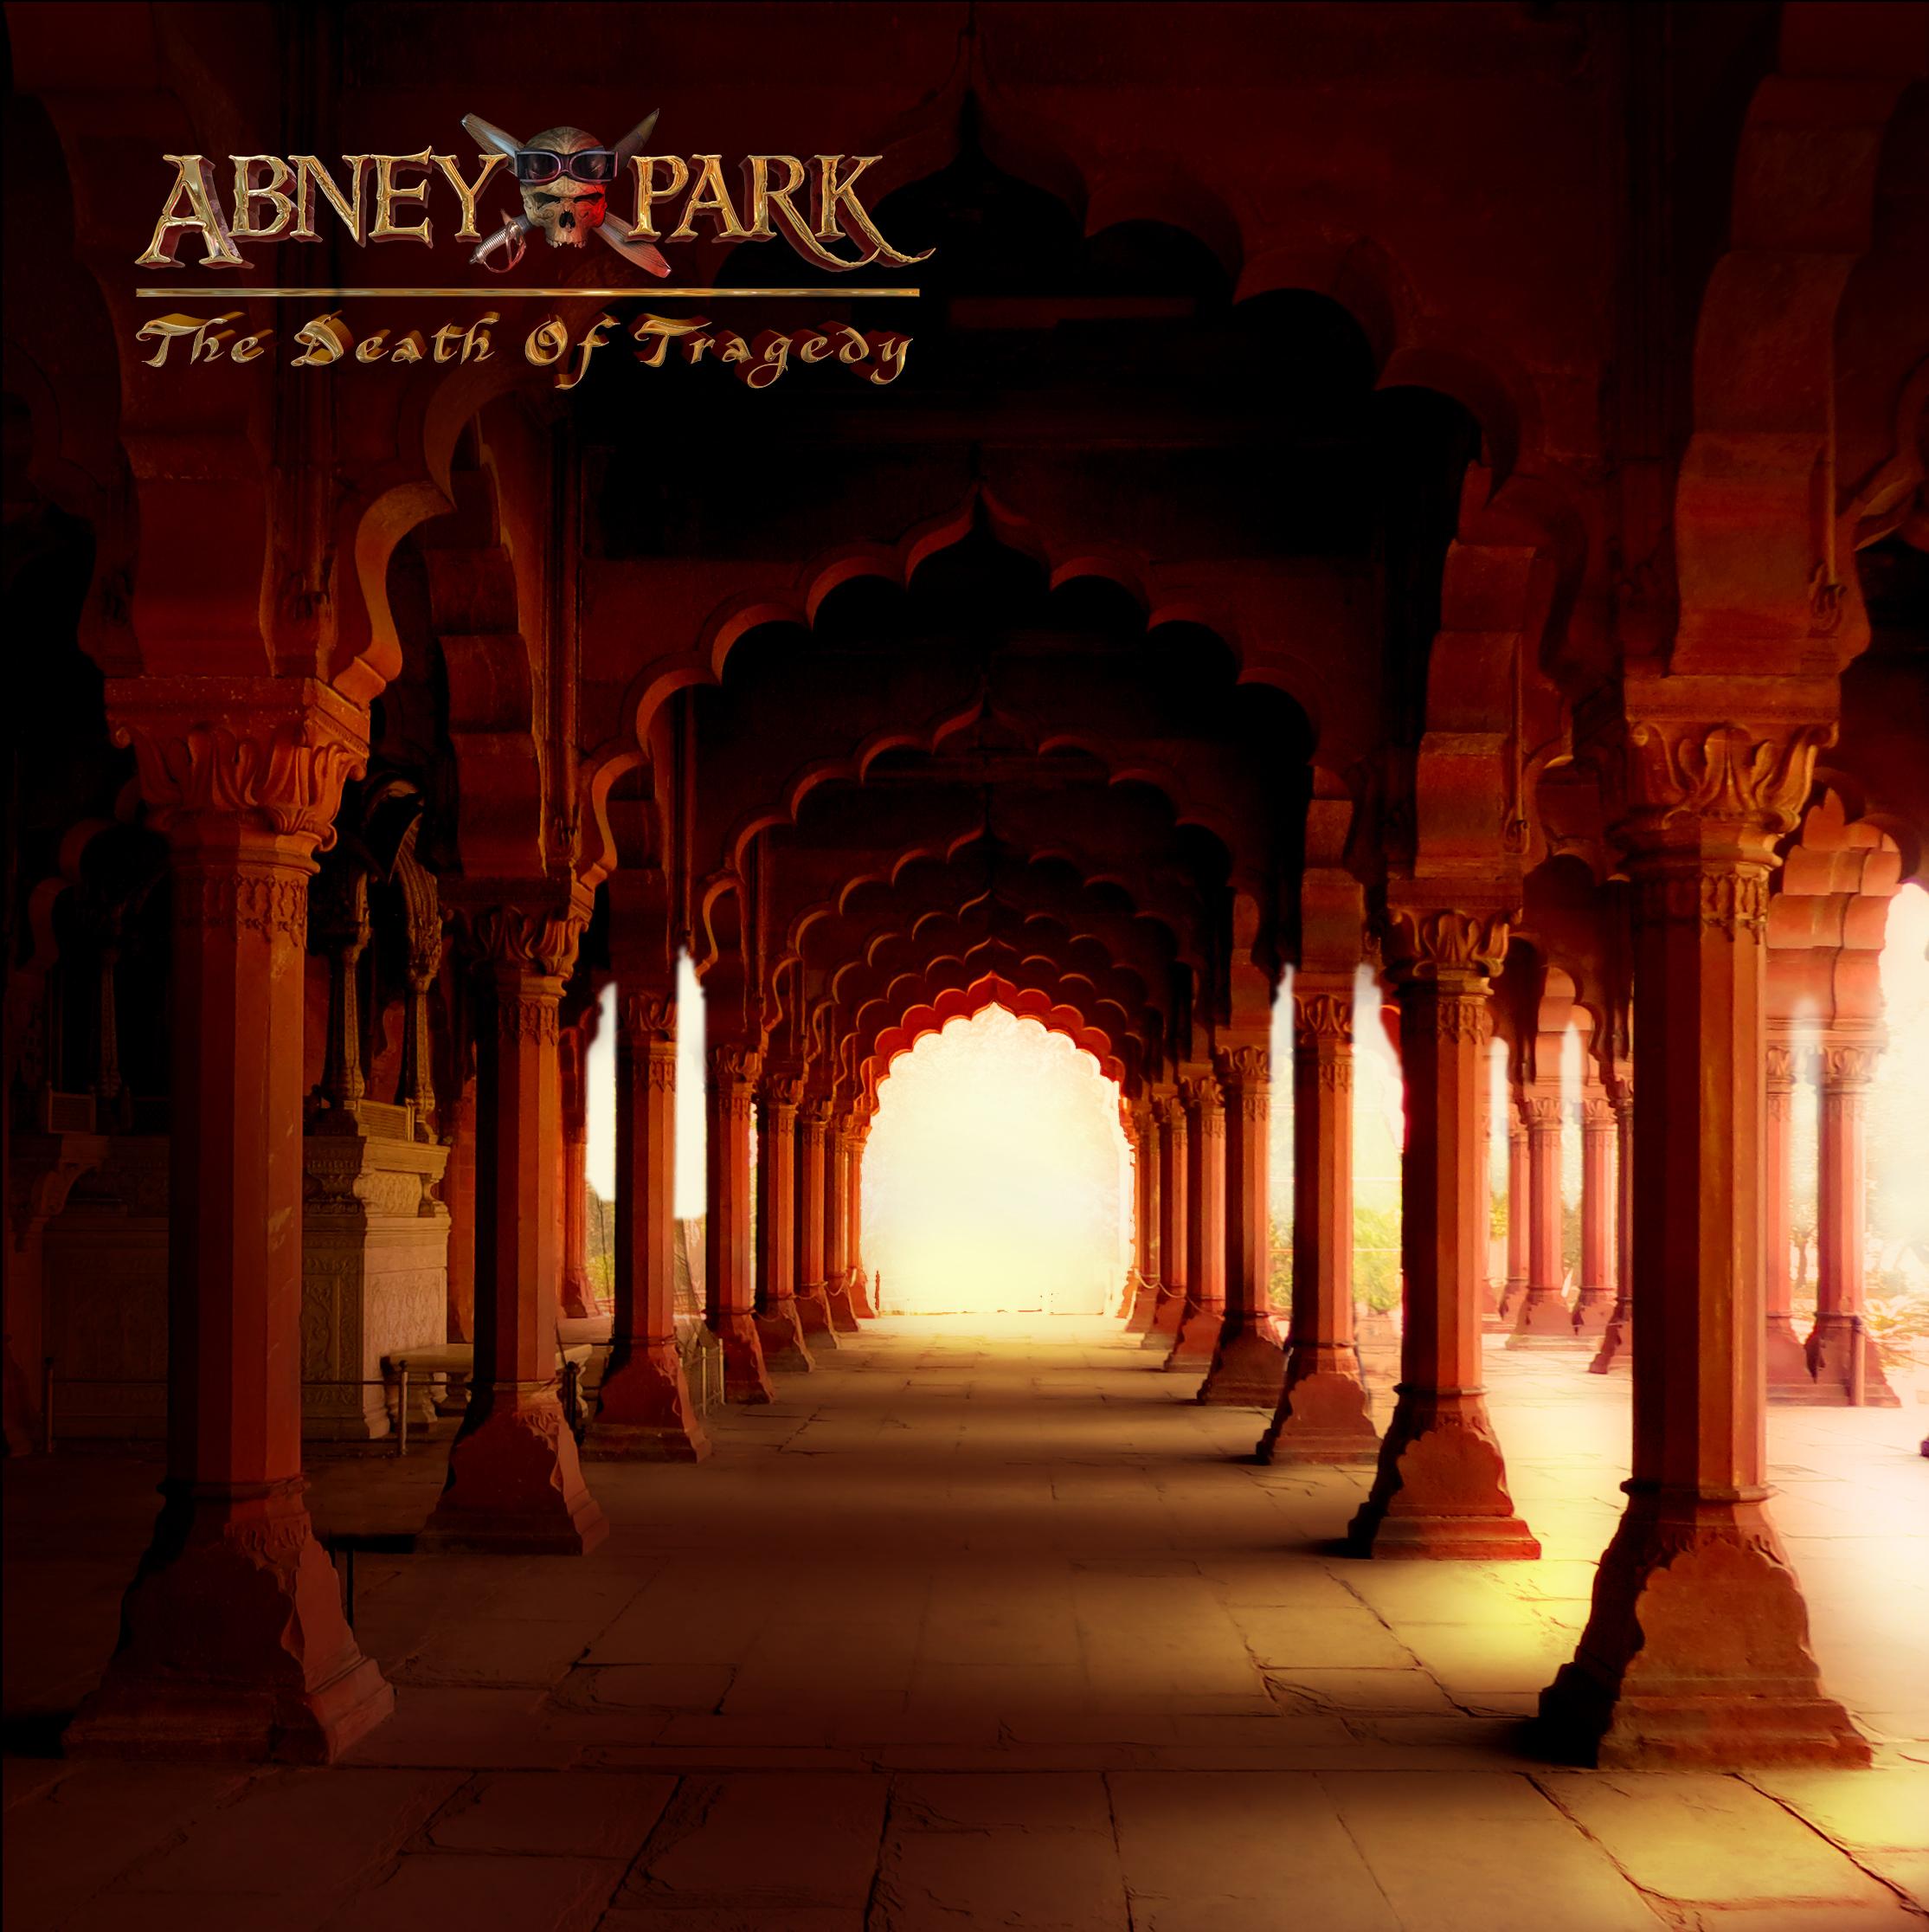 Скачать mp3 бесплатно abney park